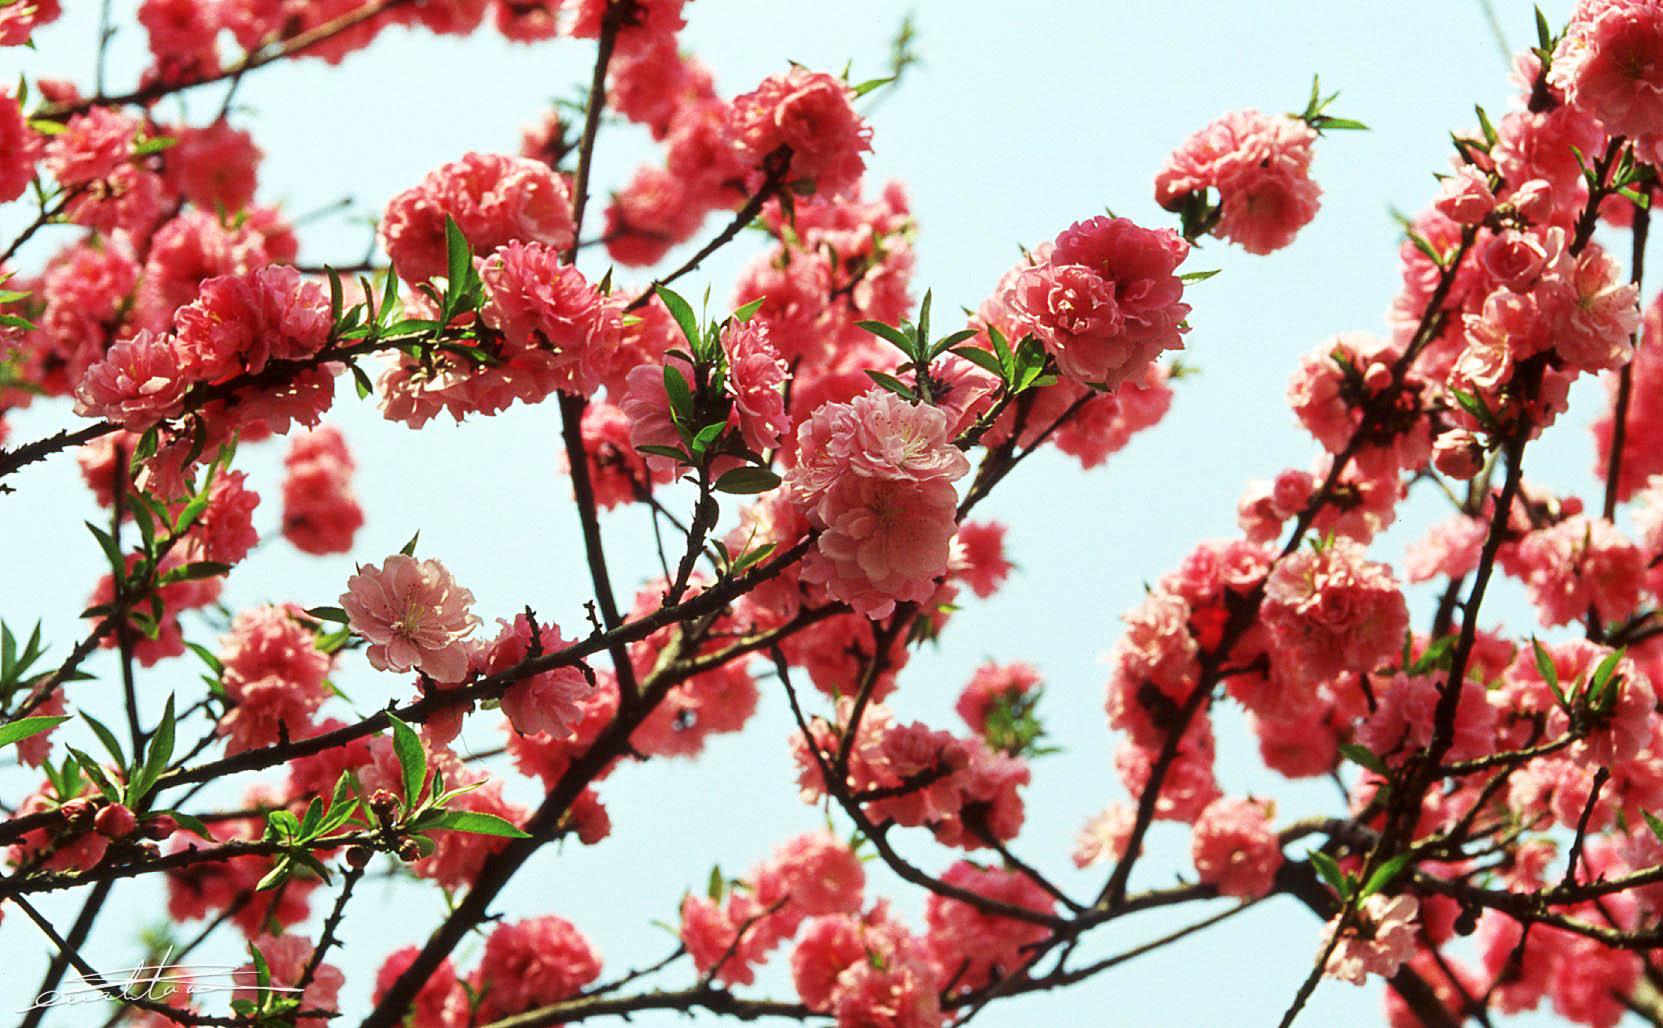 [行旅随拍]胶片摄影花卉随拍之三-行者李涛